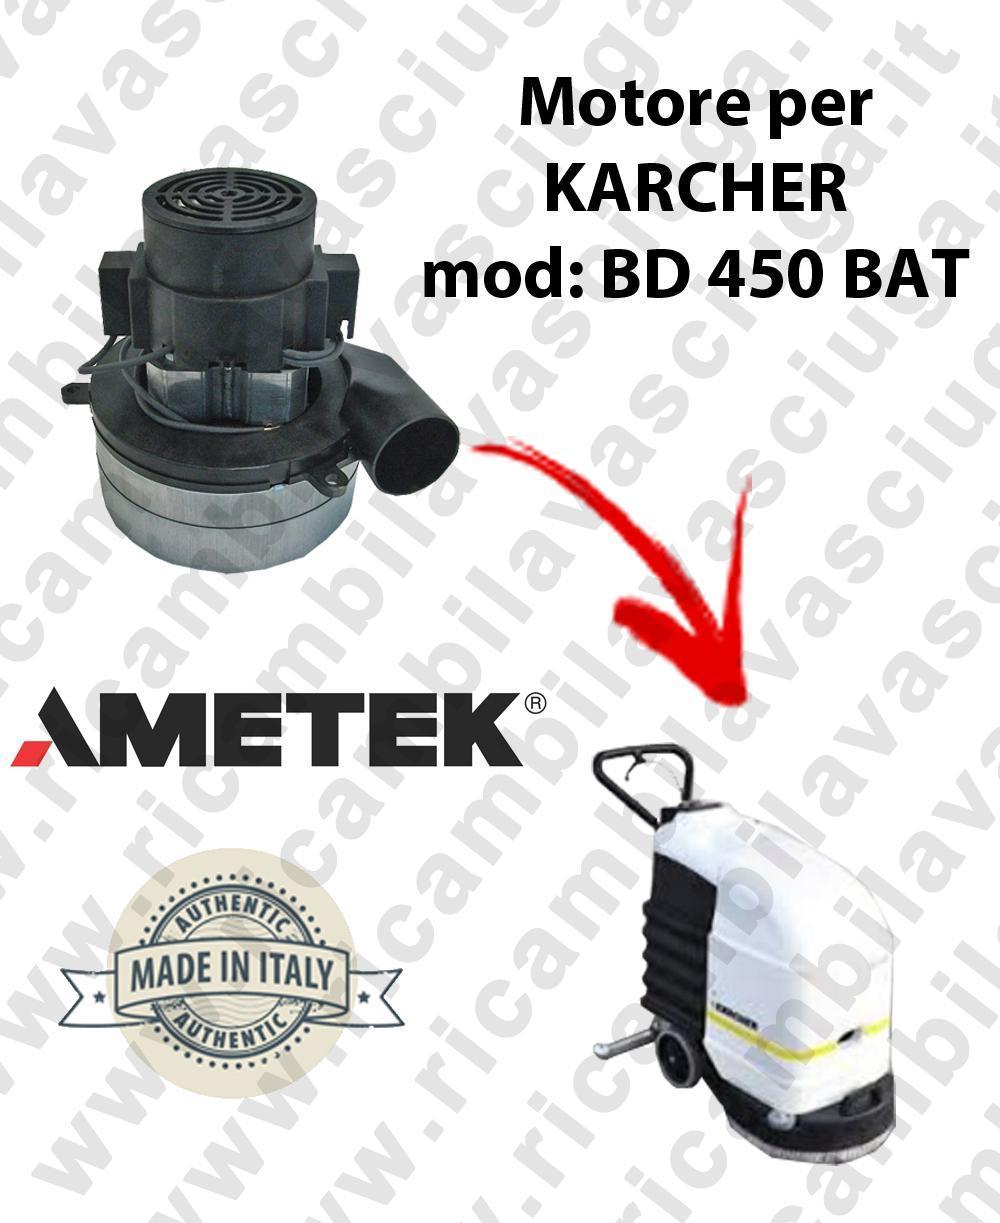 BD 450 BATT Motore de aspiración AMETEK para fregadora KARCHER